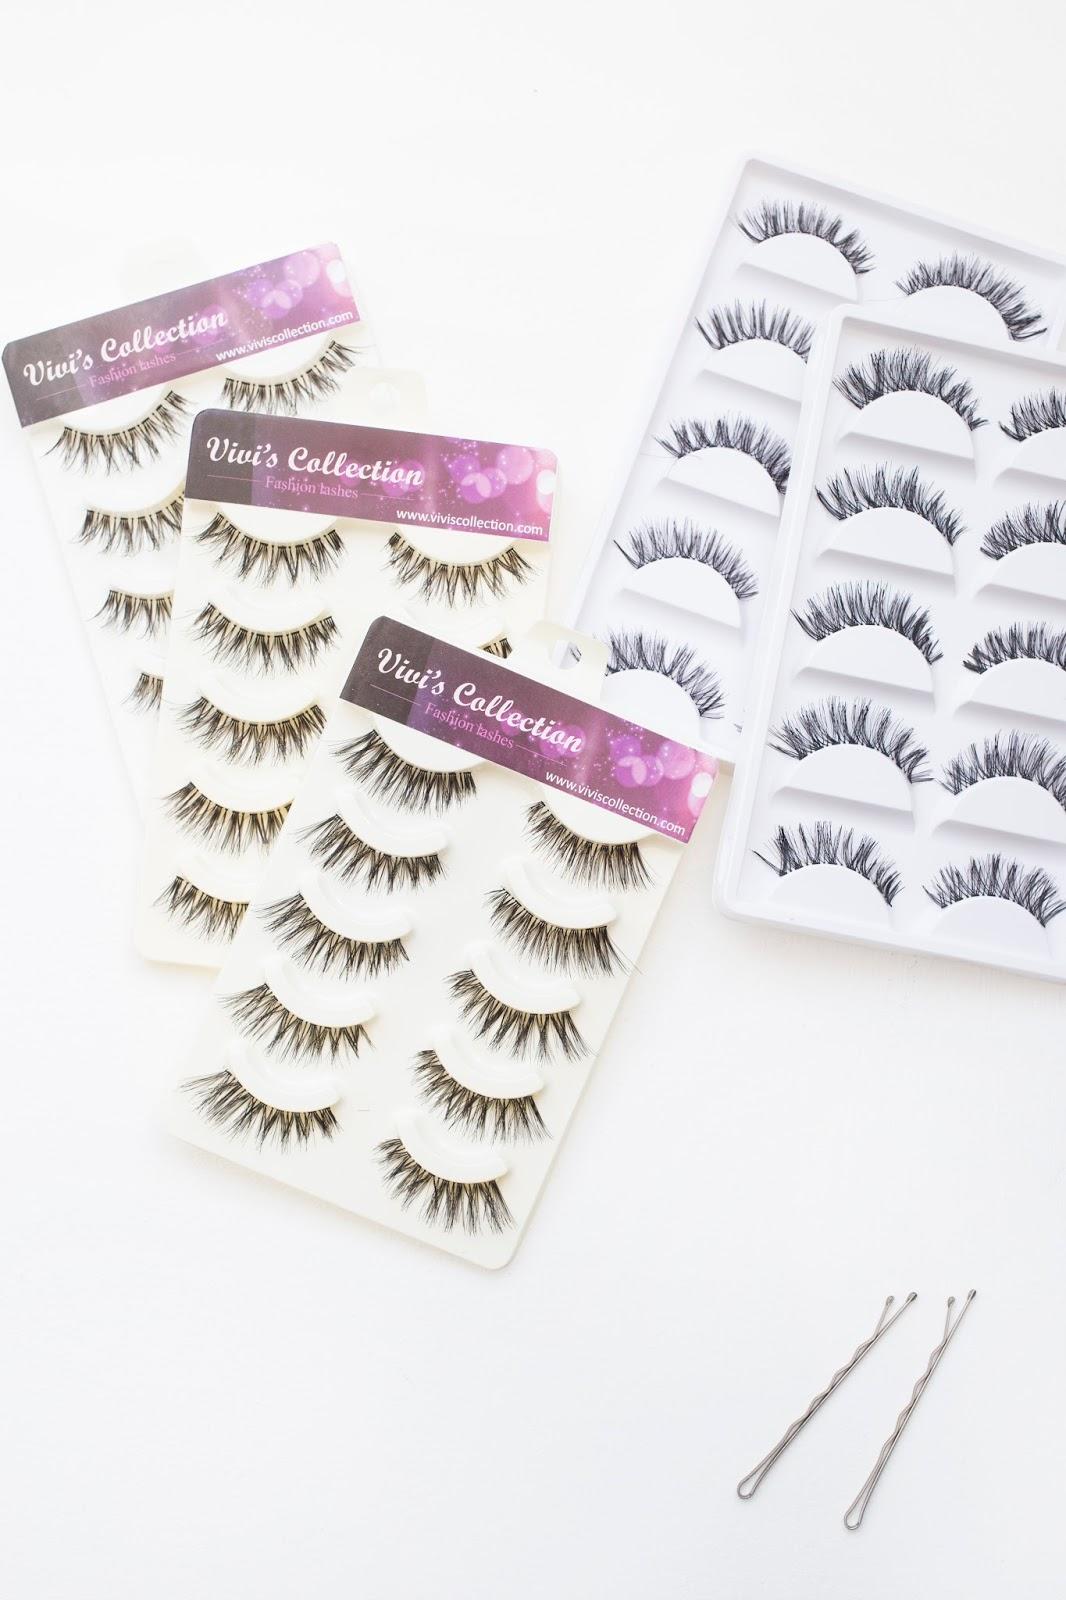 Some of my Favourite False Eyelashes + Where I Buy Them